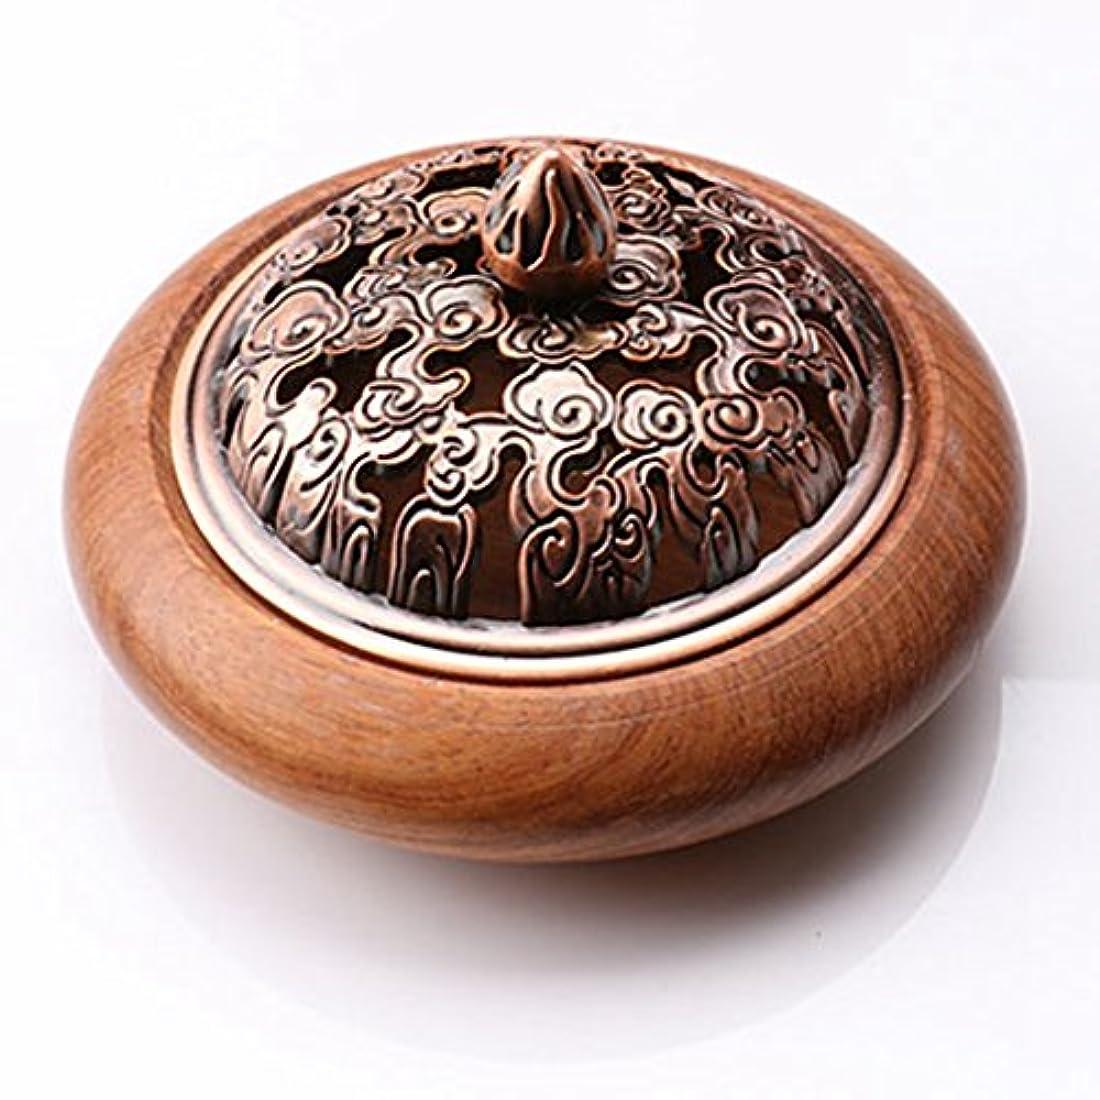 熟読そして洞察力のある(ラシューバー) Lasuiveur 香炉 香立て 渦巻き線香 線香立て お香立て 木製